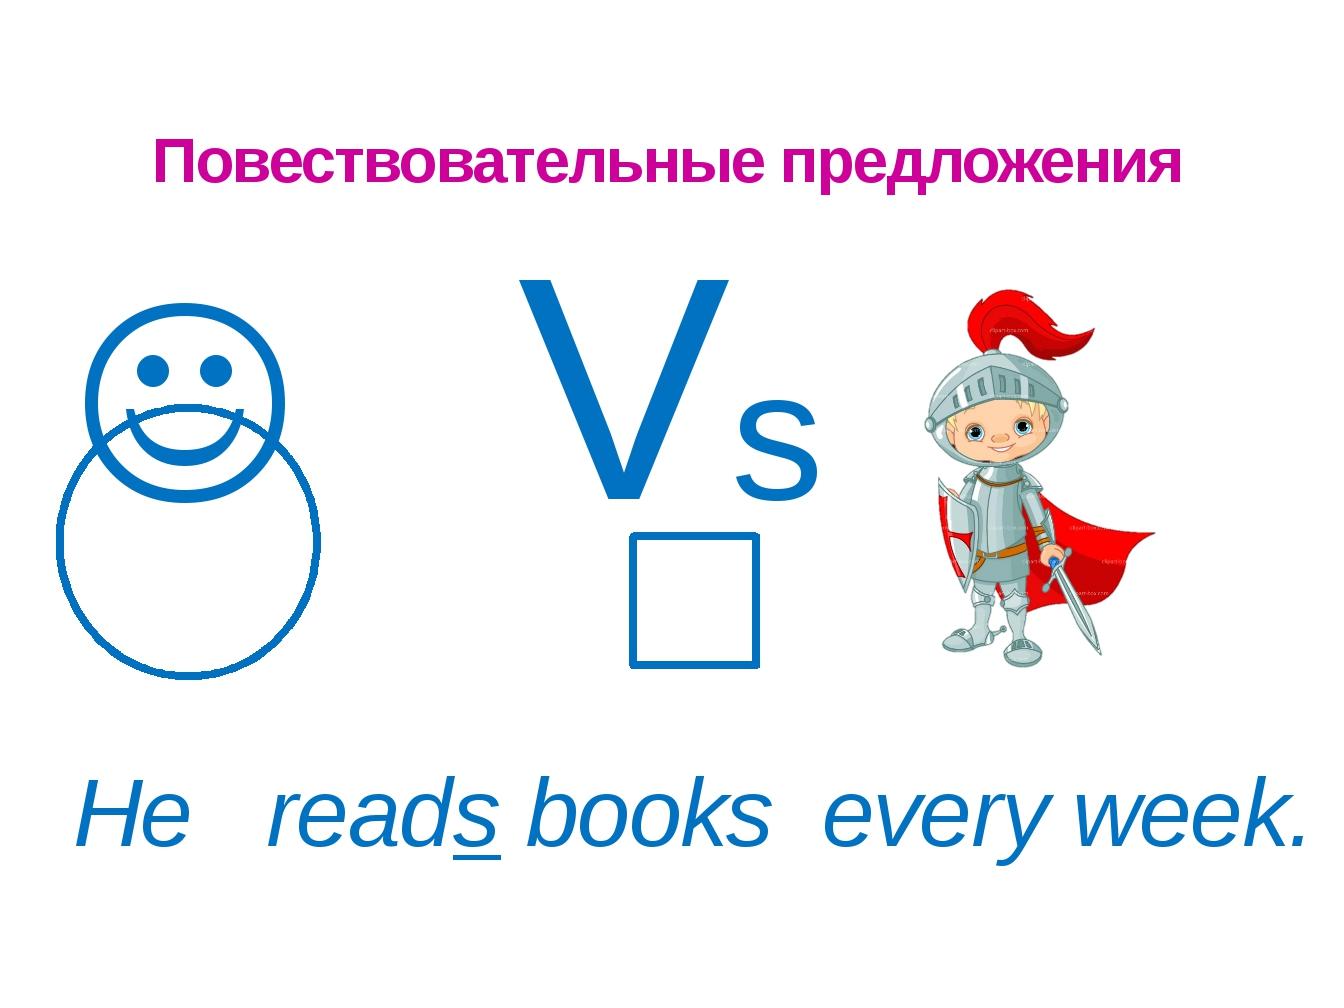 Повествовательные предложения  Vs He reads books every week.